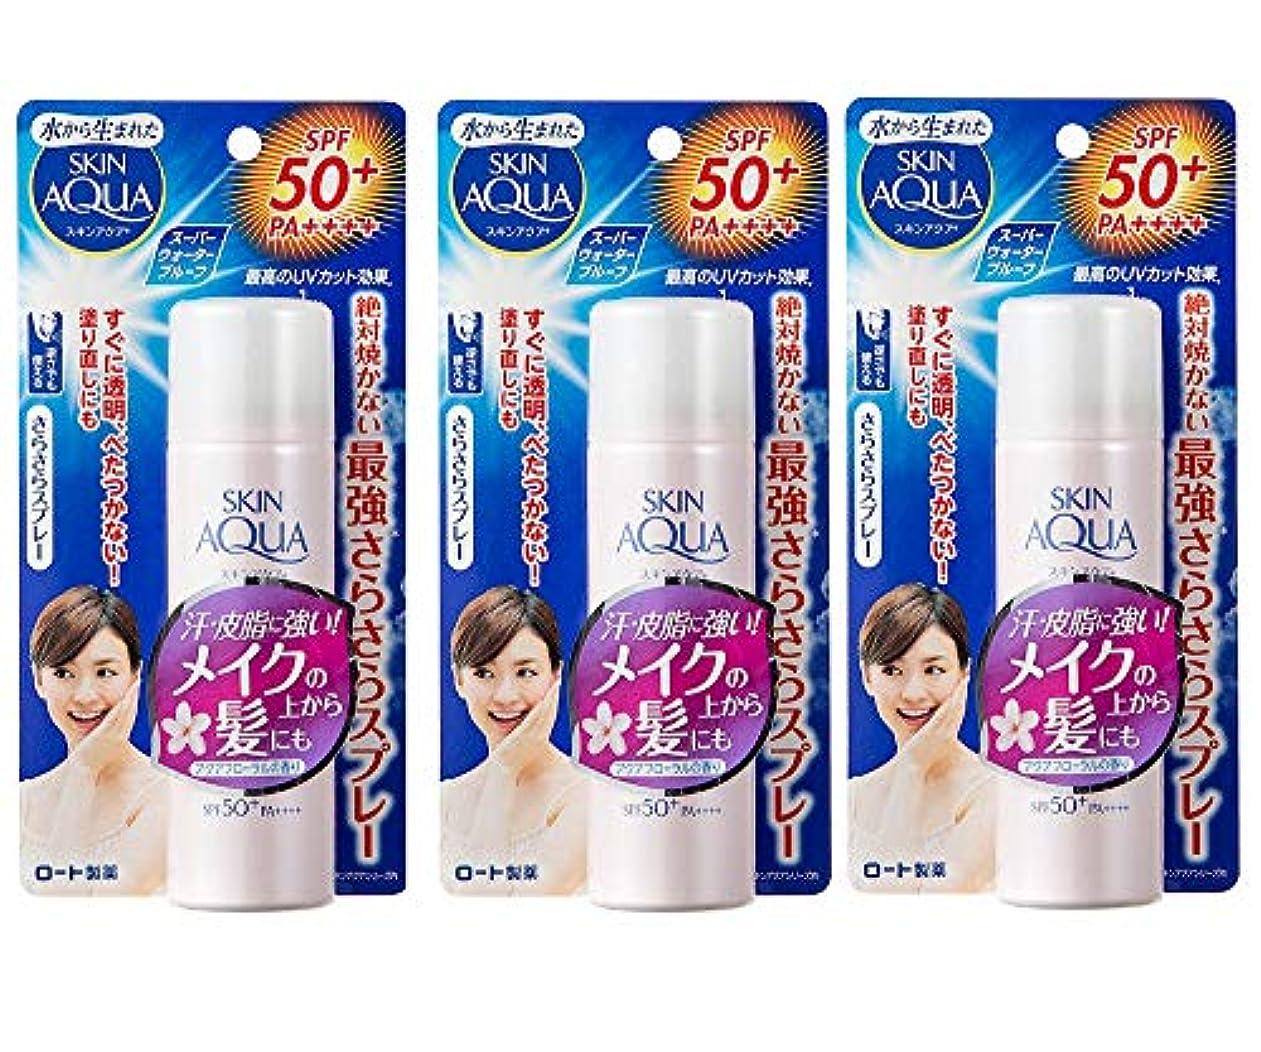 用心許されるアイザック(ロート)スキンアクア サラフィットUV さらさらスプレー(SPF50+/PA++++)アクアフローラルの香り50g(お買い得3個セット)